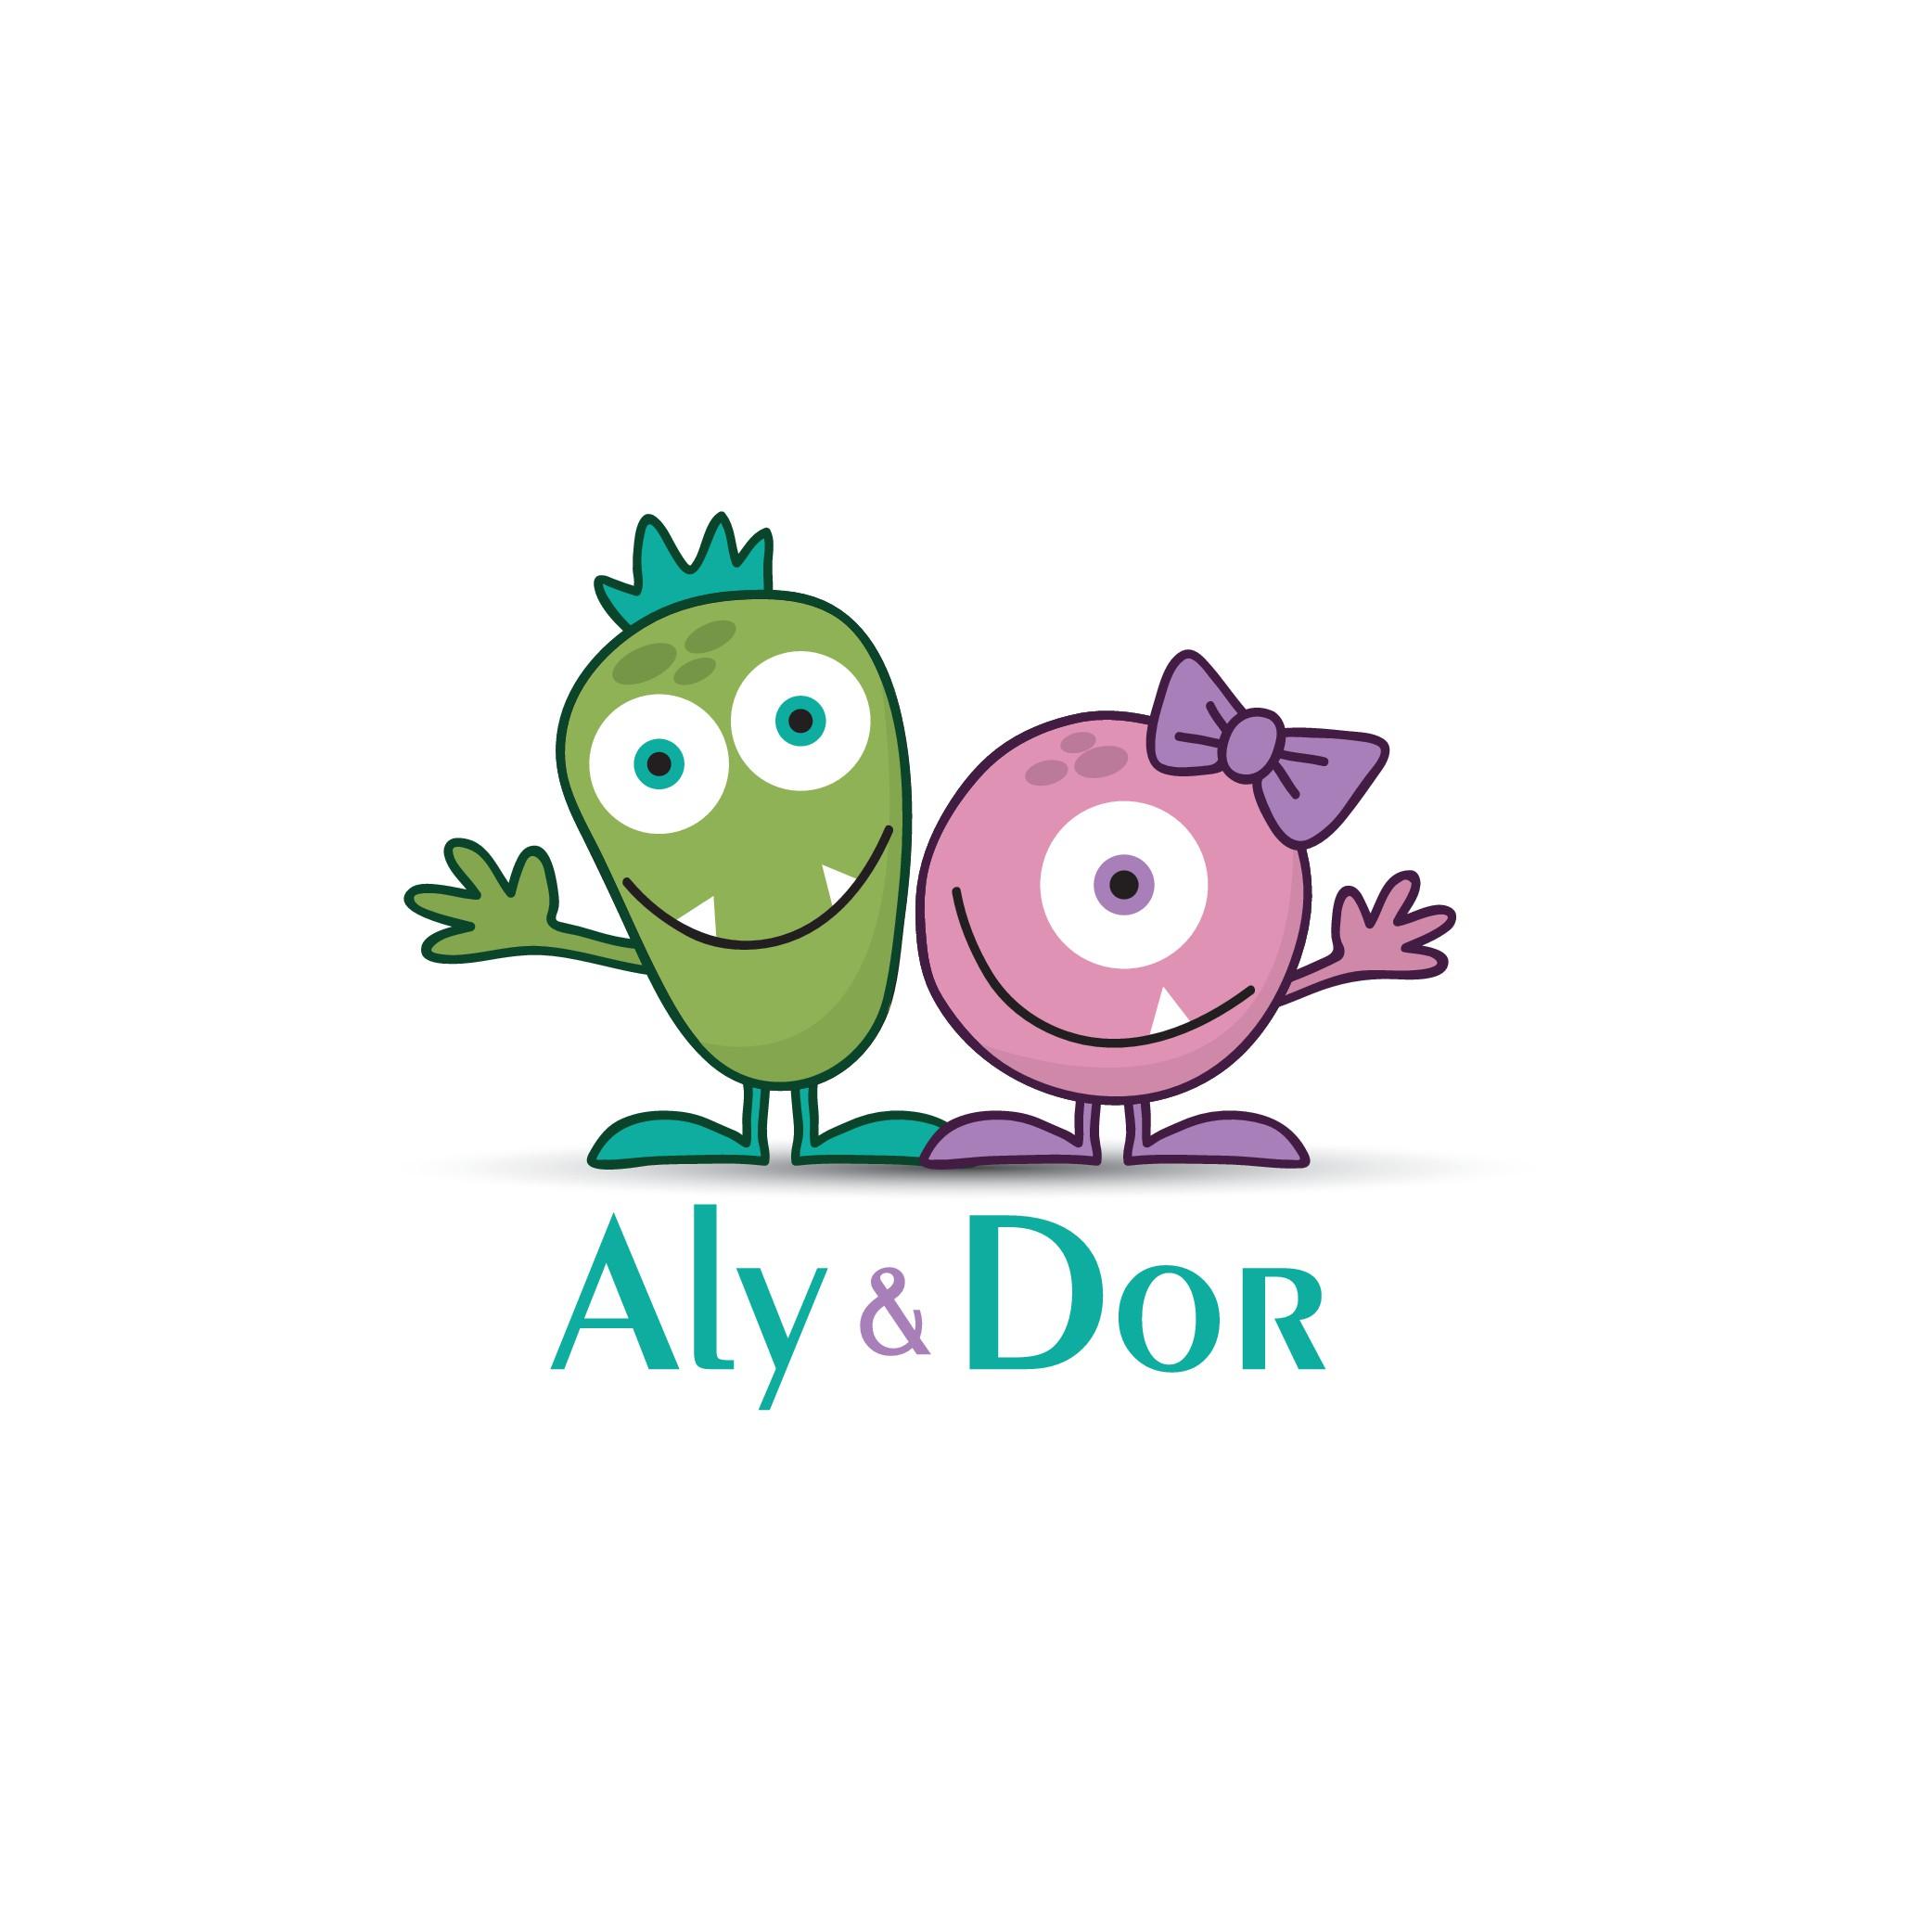 Design a trendy, funny logo for Aly & Dor toys